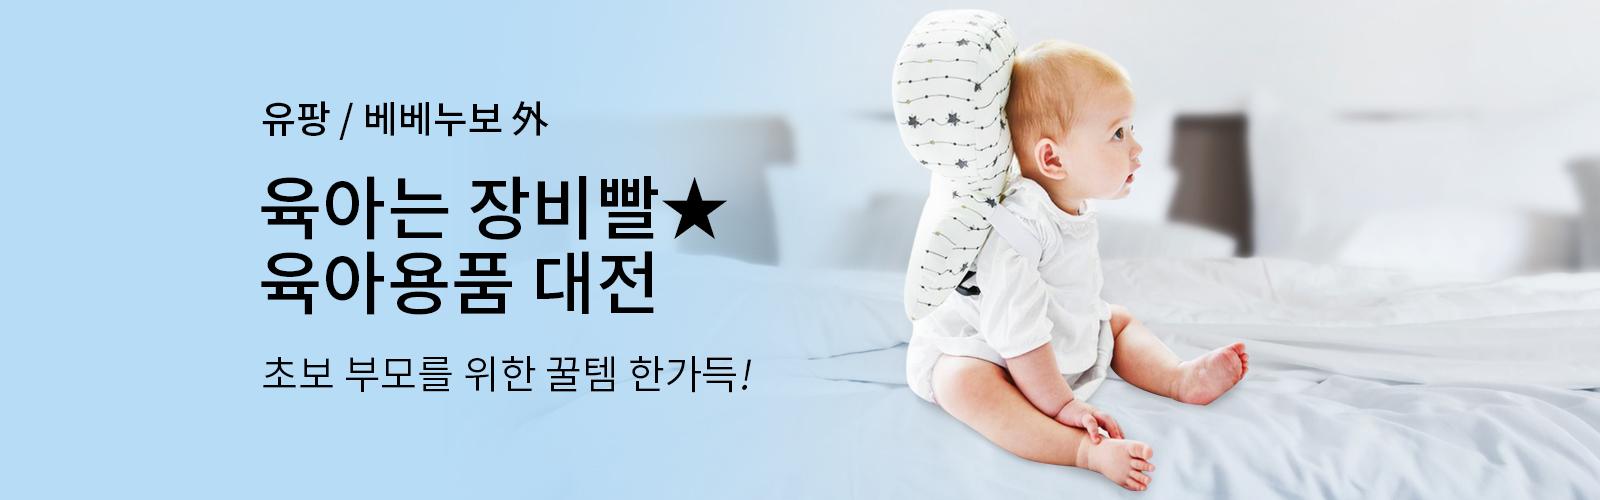 유팡 베베누보 외 육아는 장비빨 육아용품 대전 초보 부모를 위한 꿀템 한가득